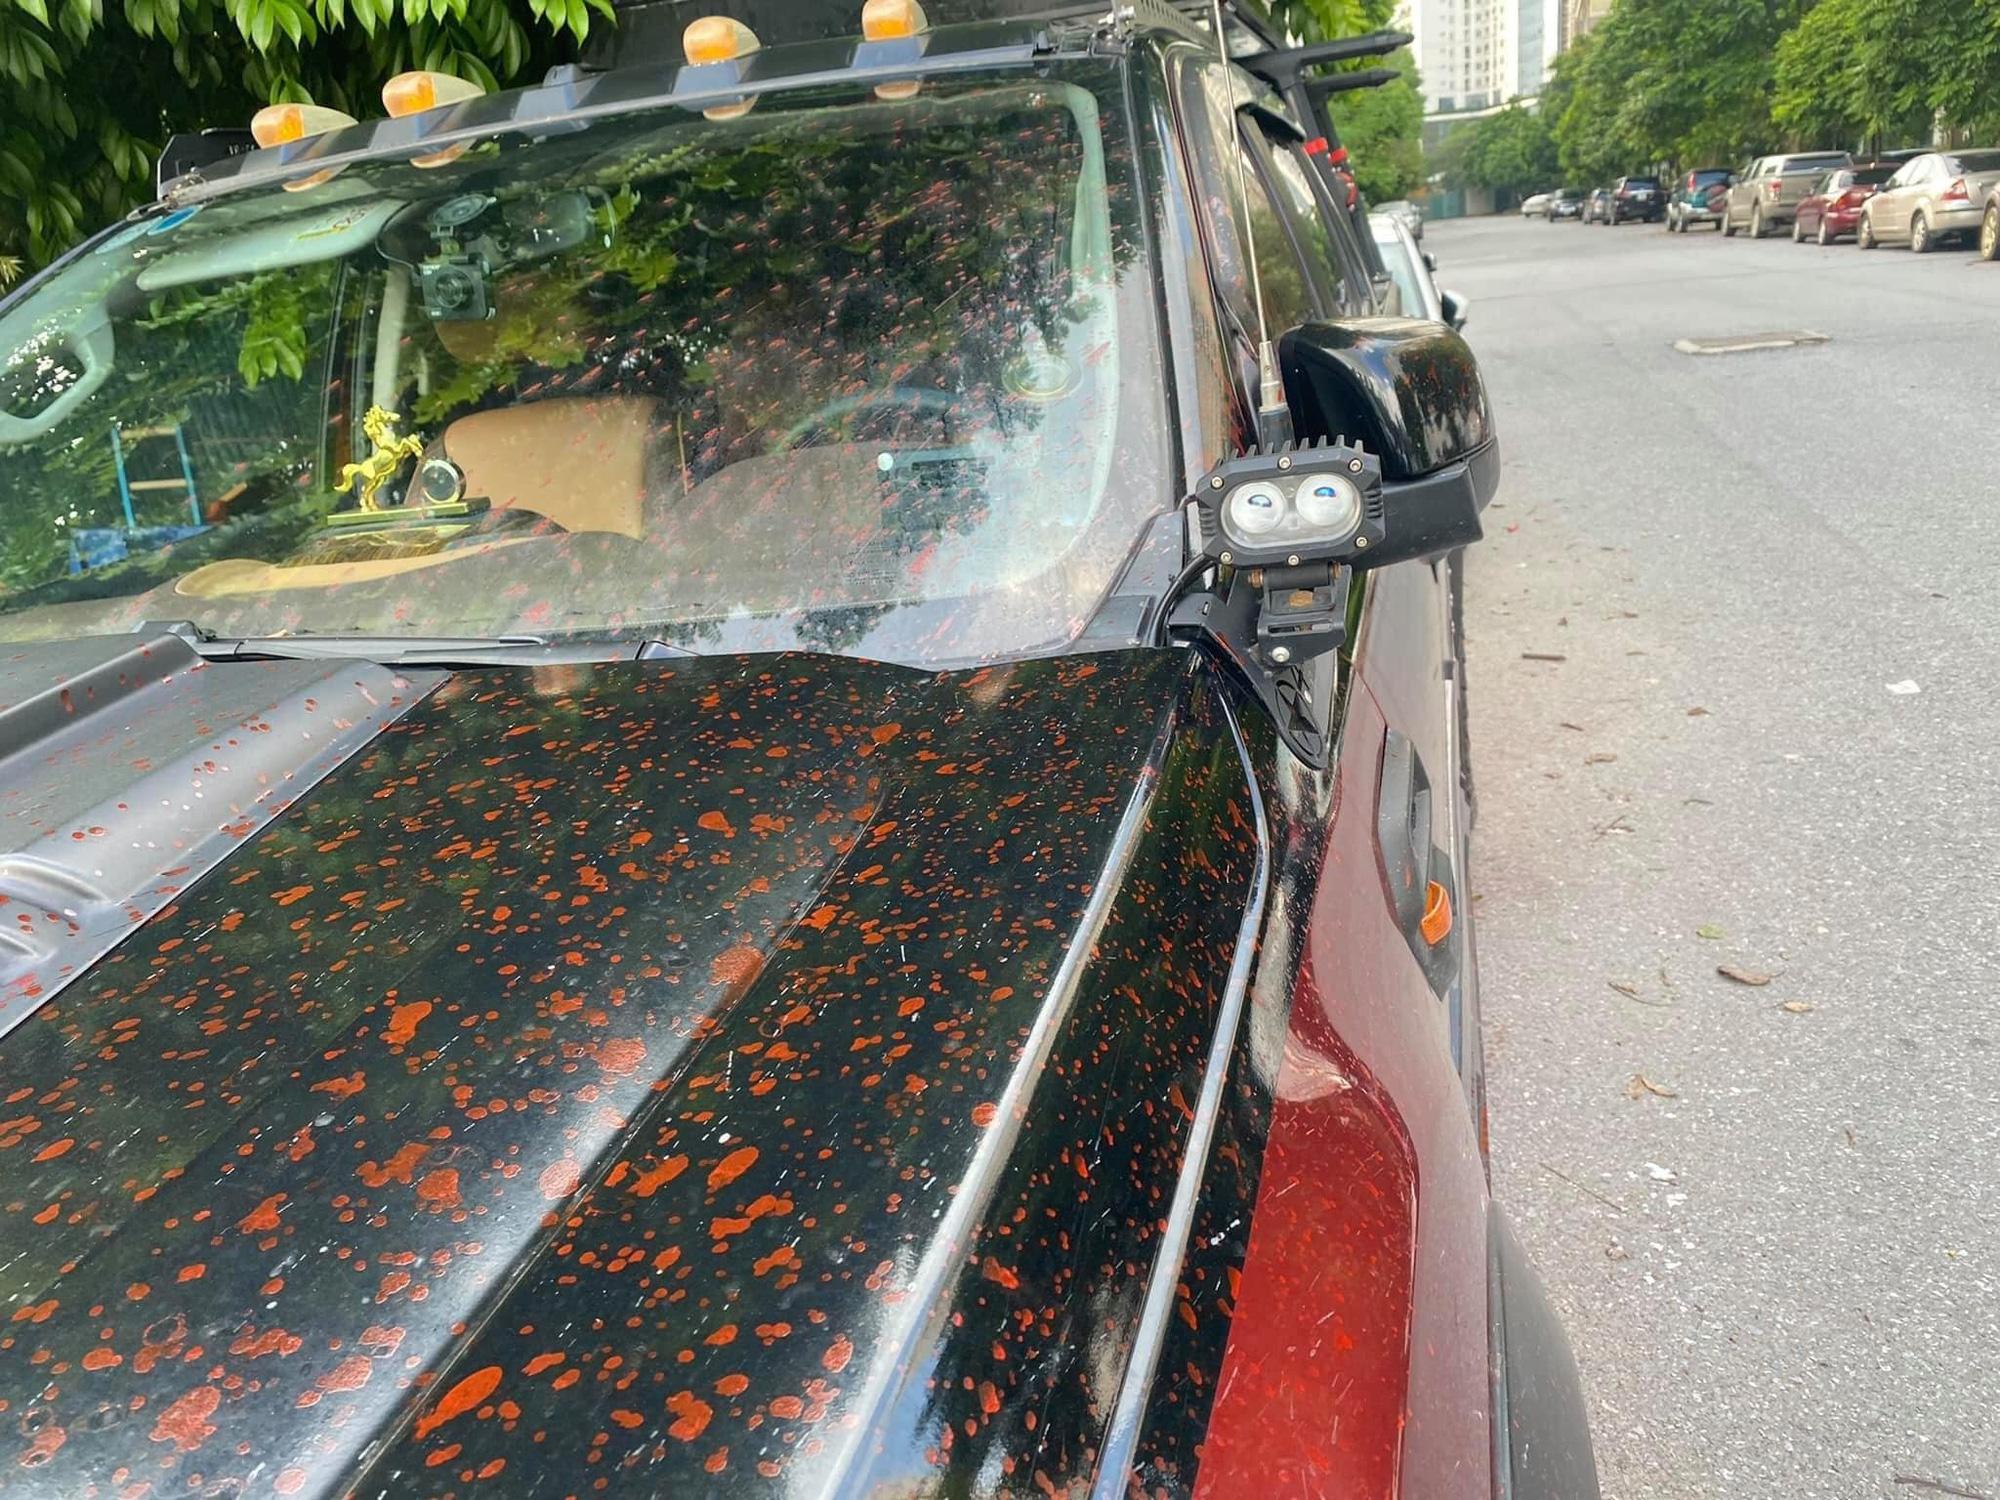 Hình ảnh hàng loạt xe ô tô bị tạt sơn ở Hà Nội - Ảnh 5.